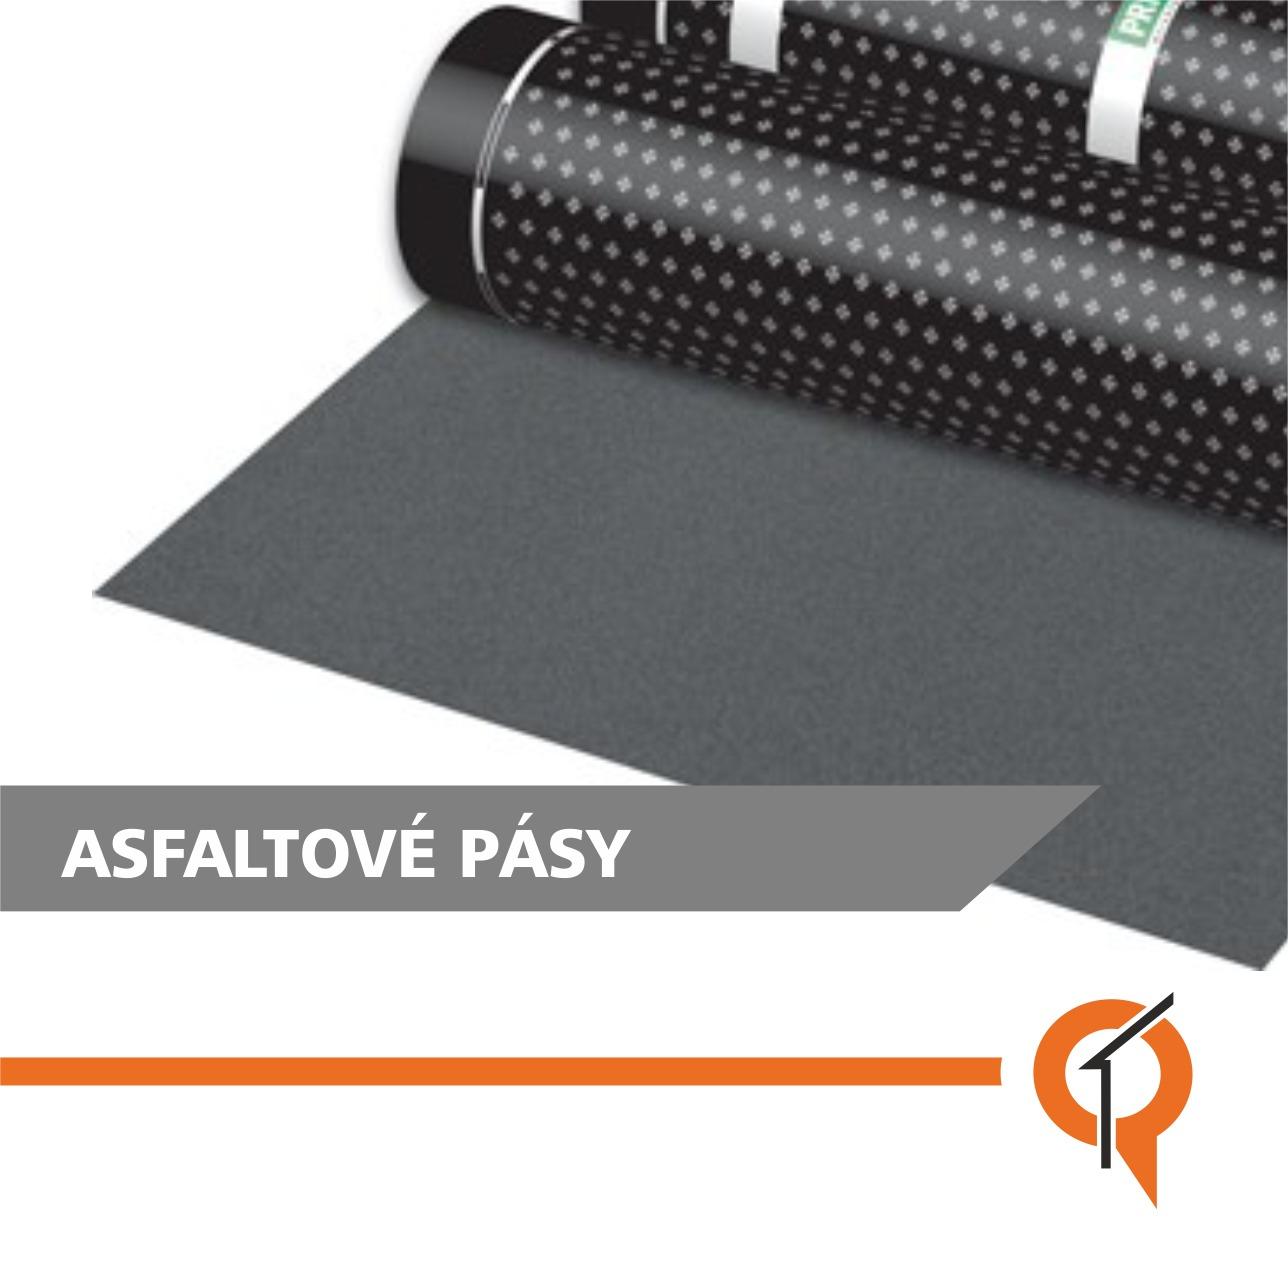 asfaltove_pasy_trend